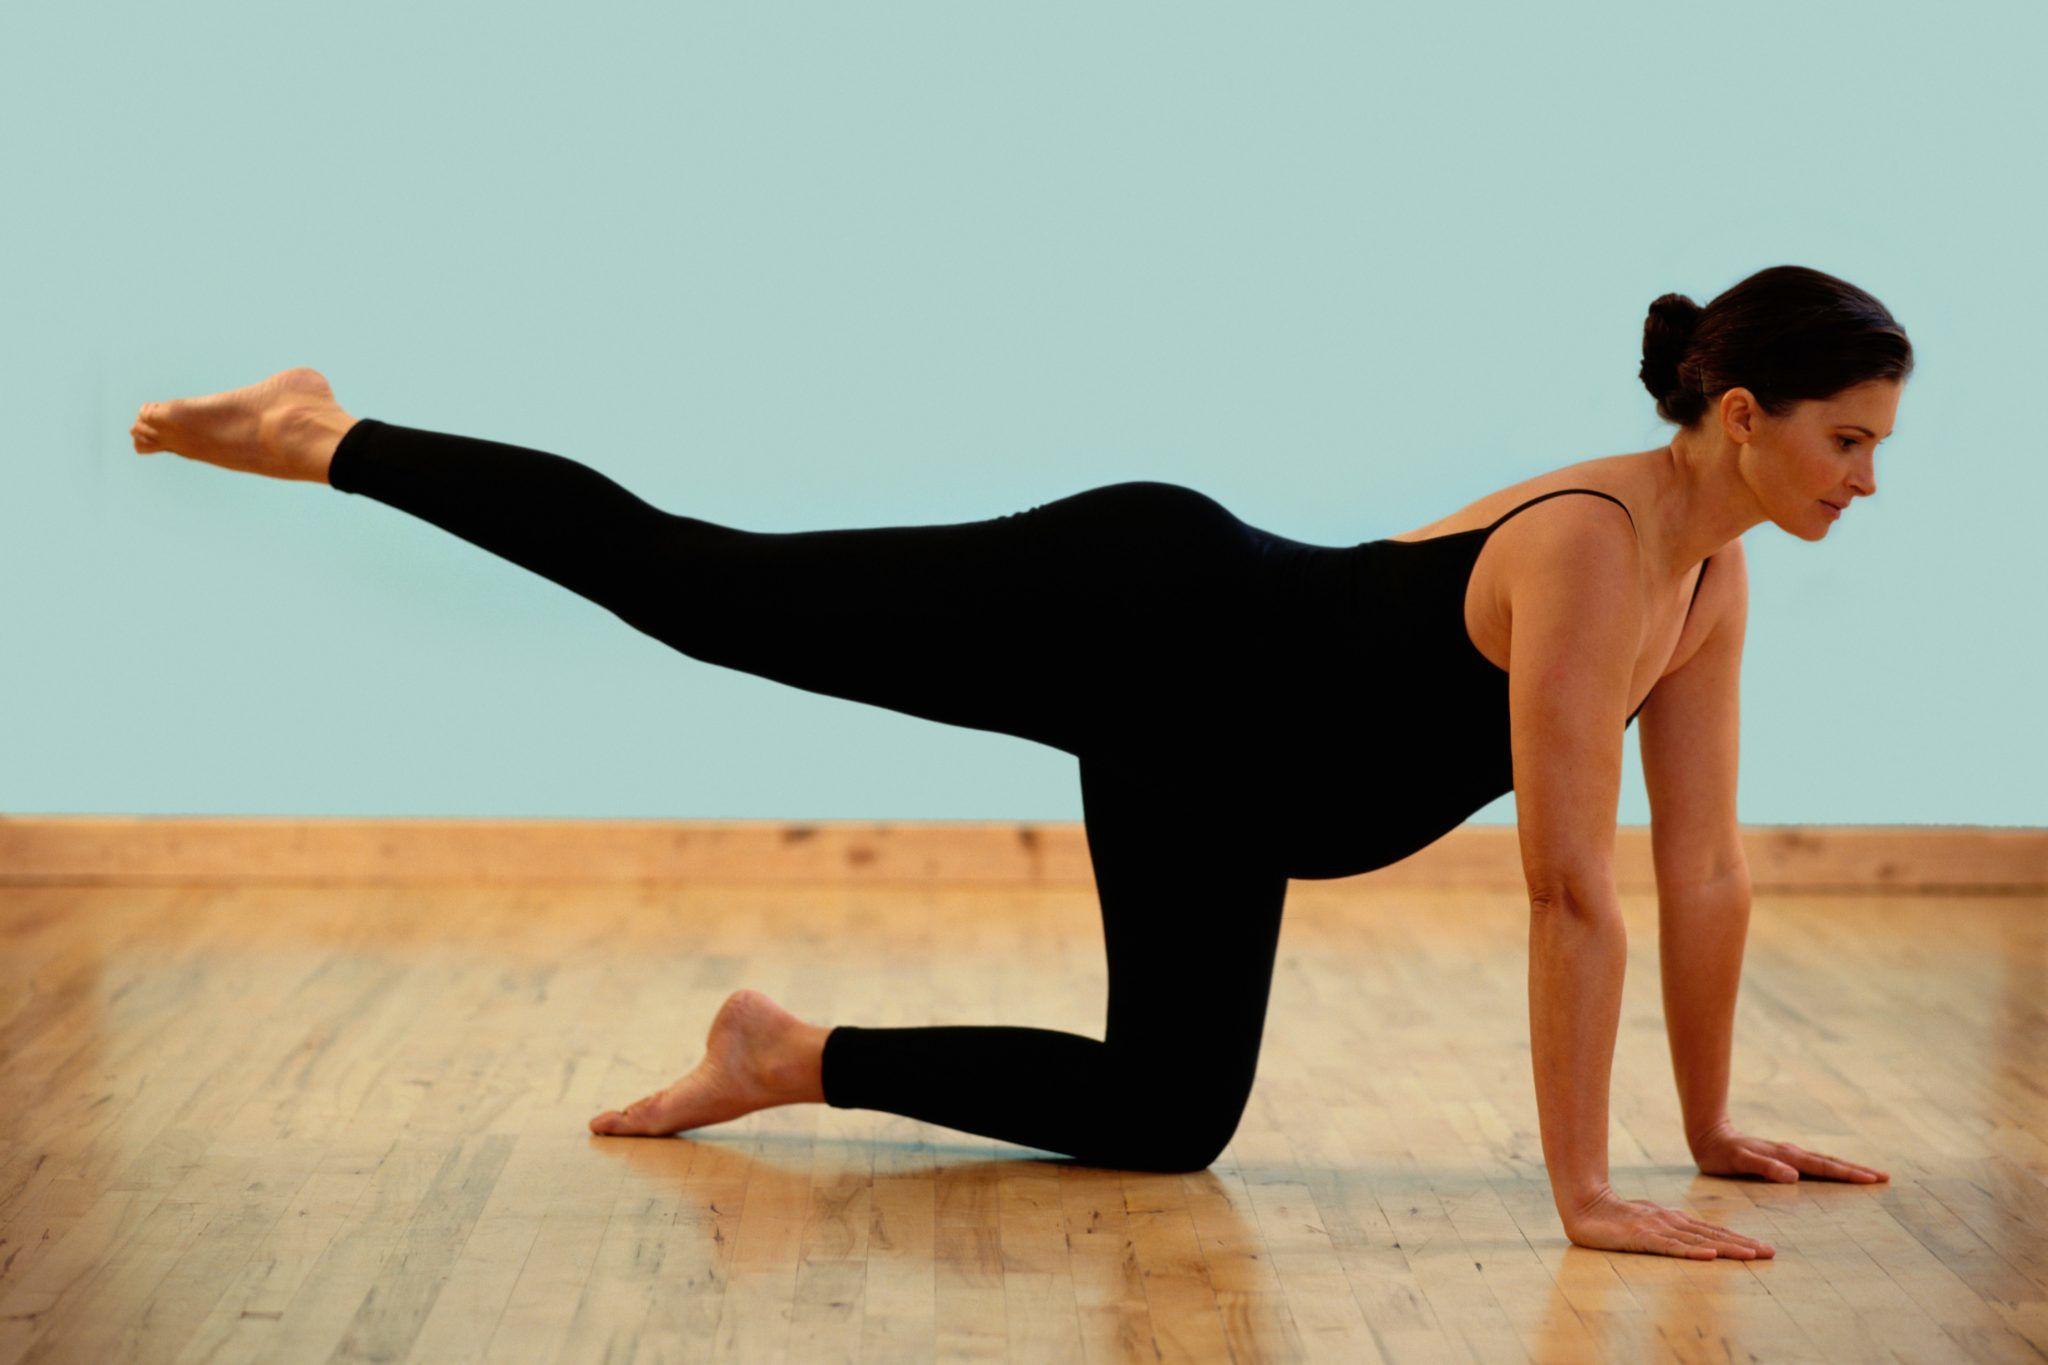 Топ 10 самых лучших упражнений для похудения